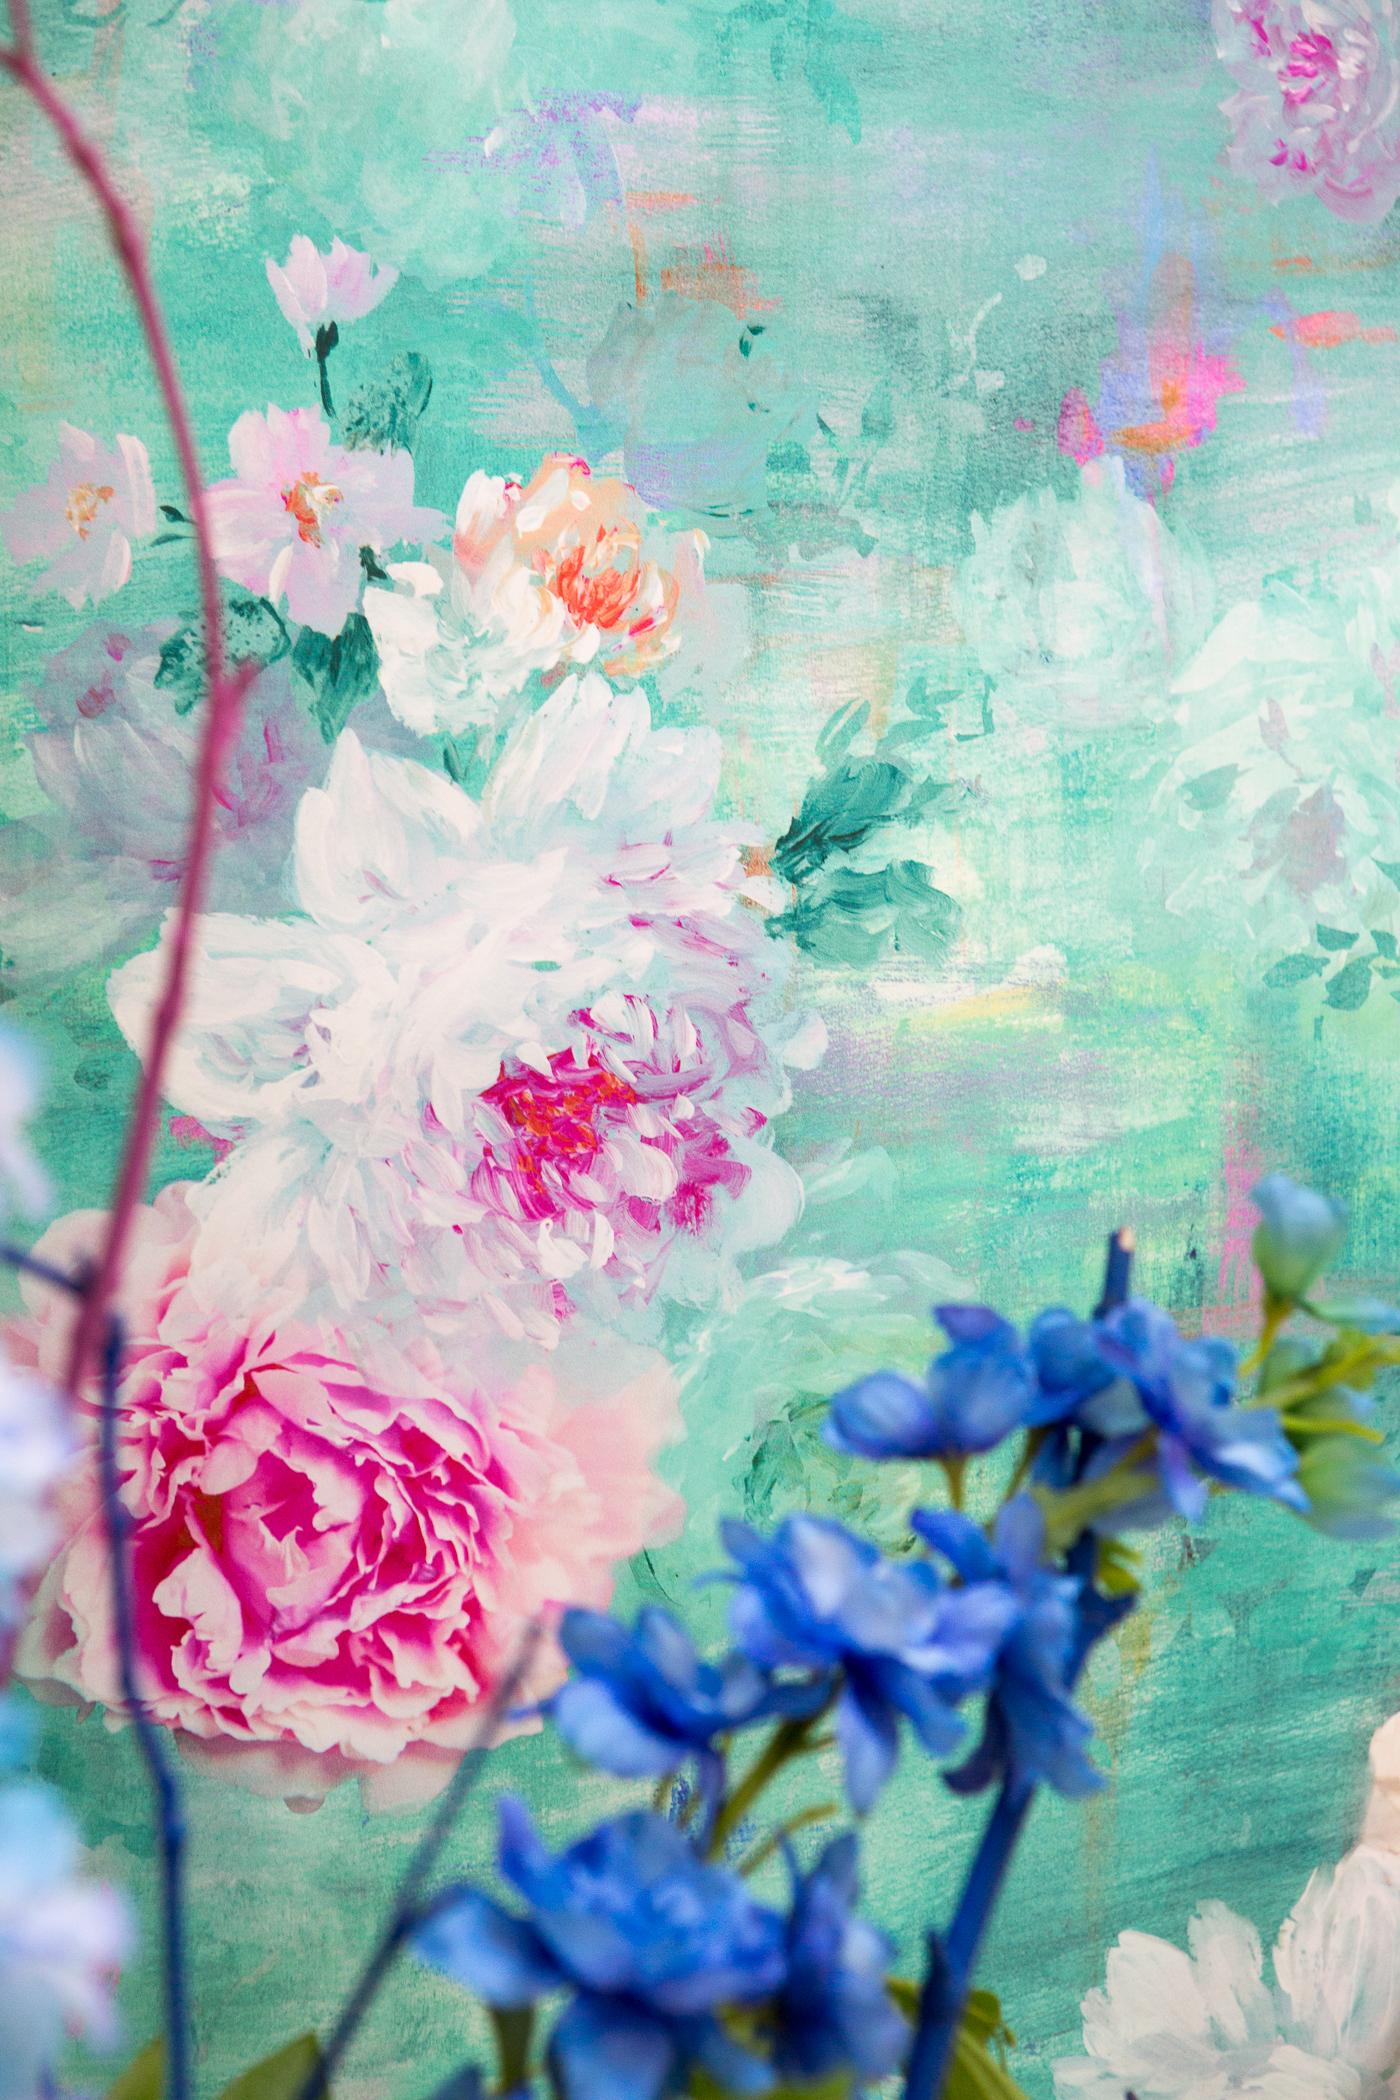 Detail of Valerie wallpaper